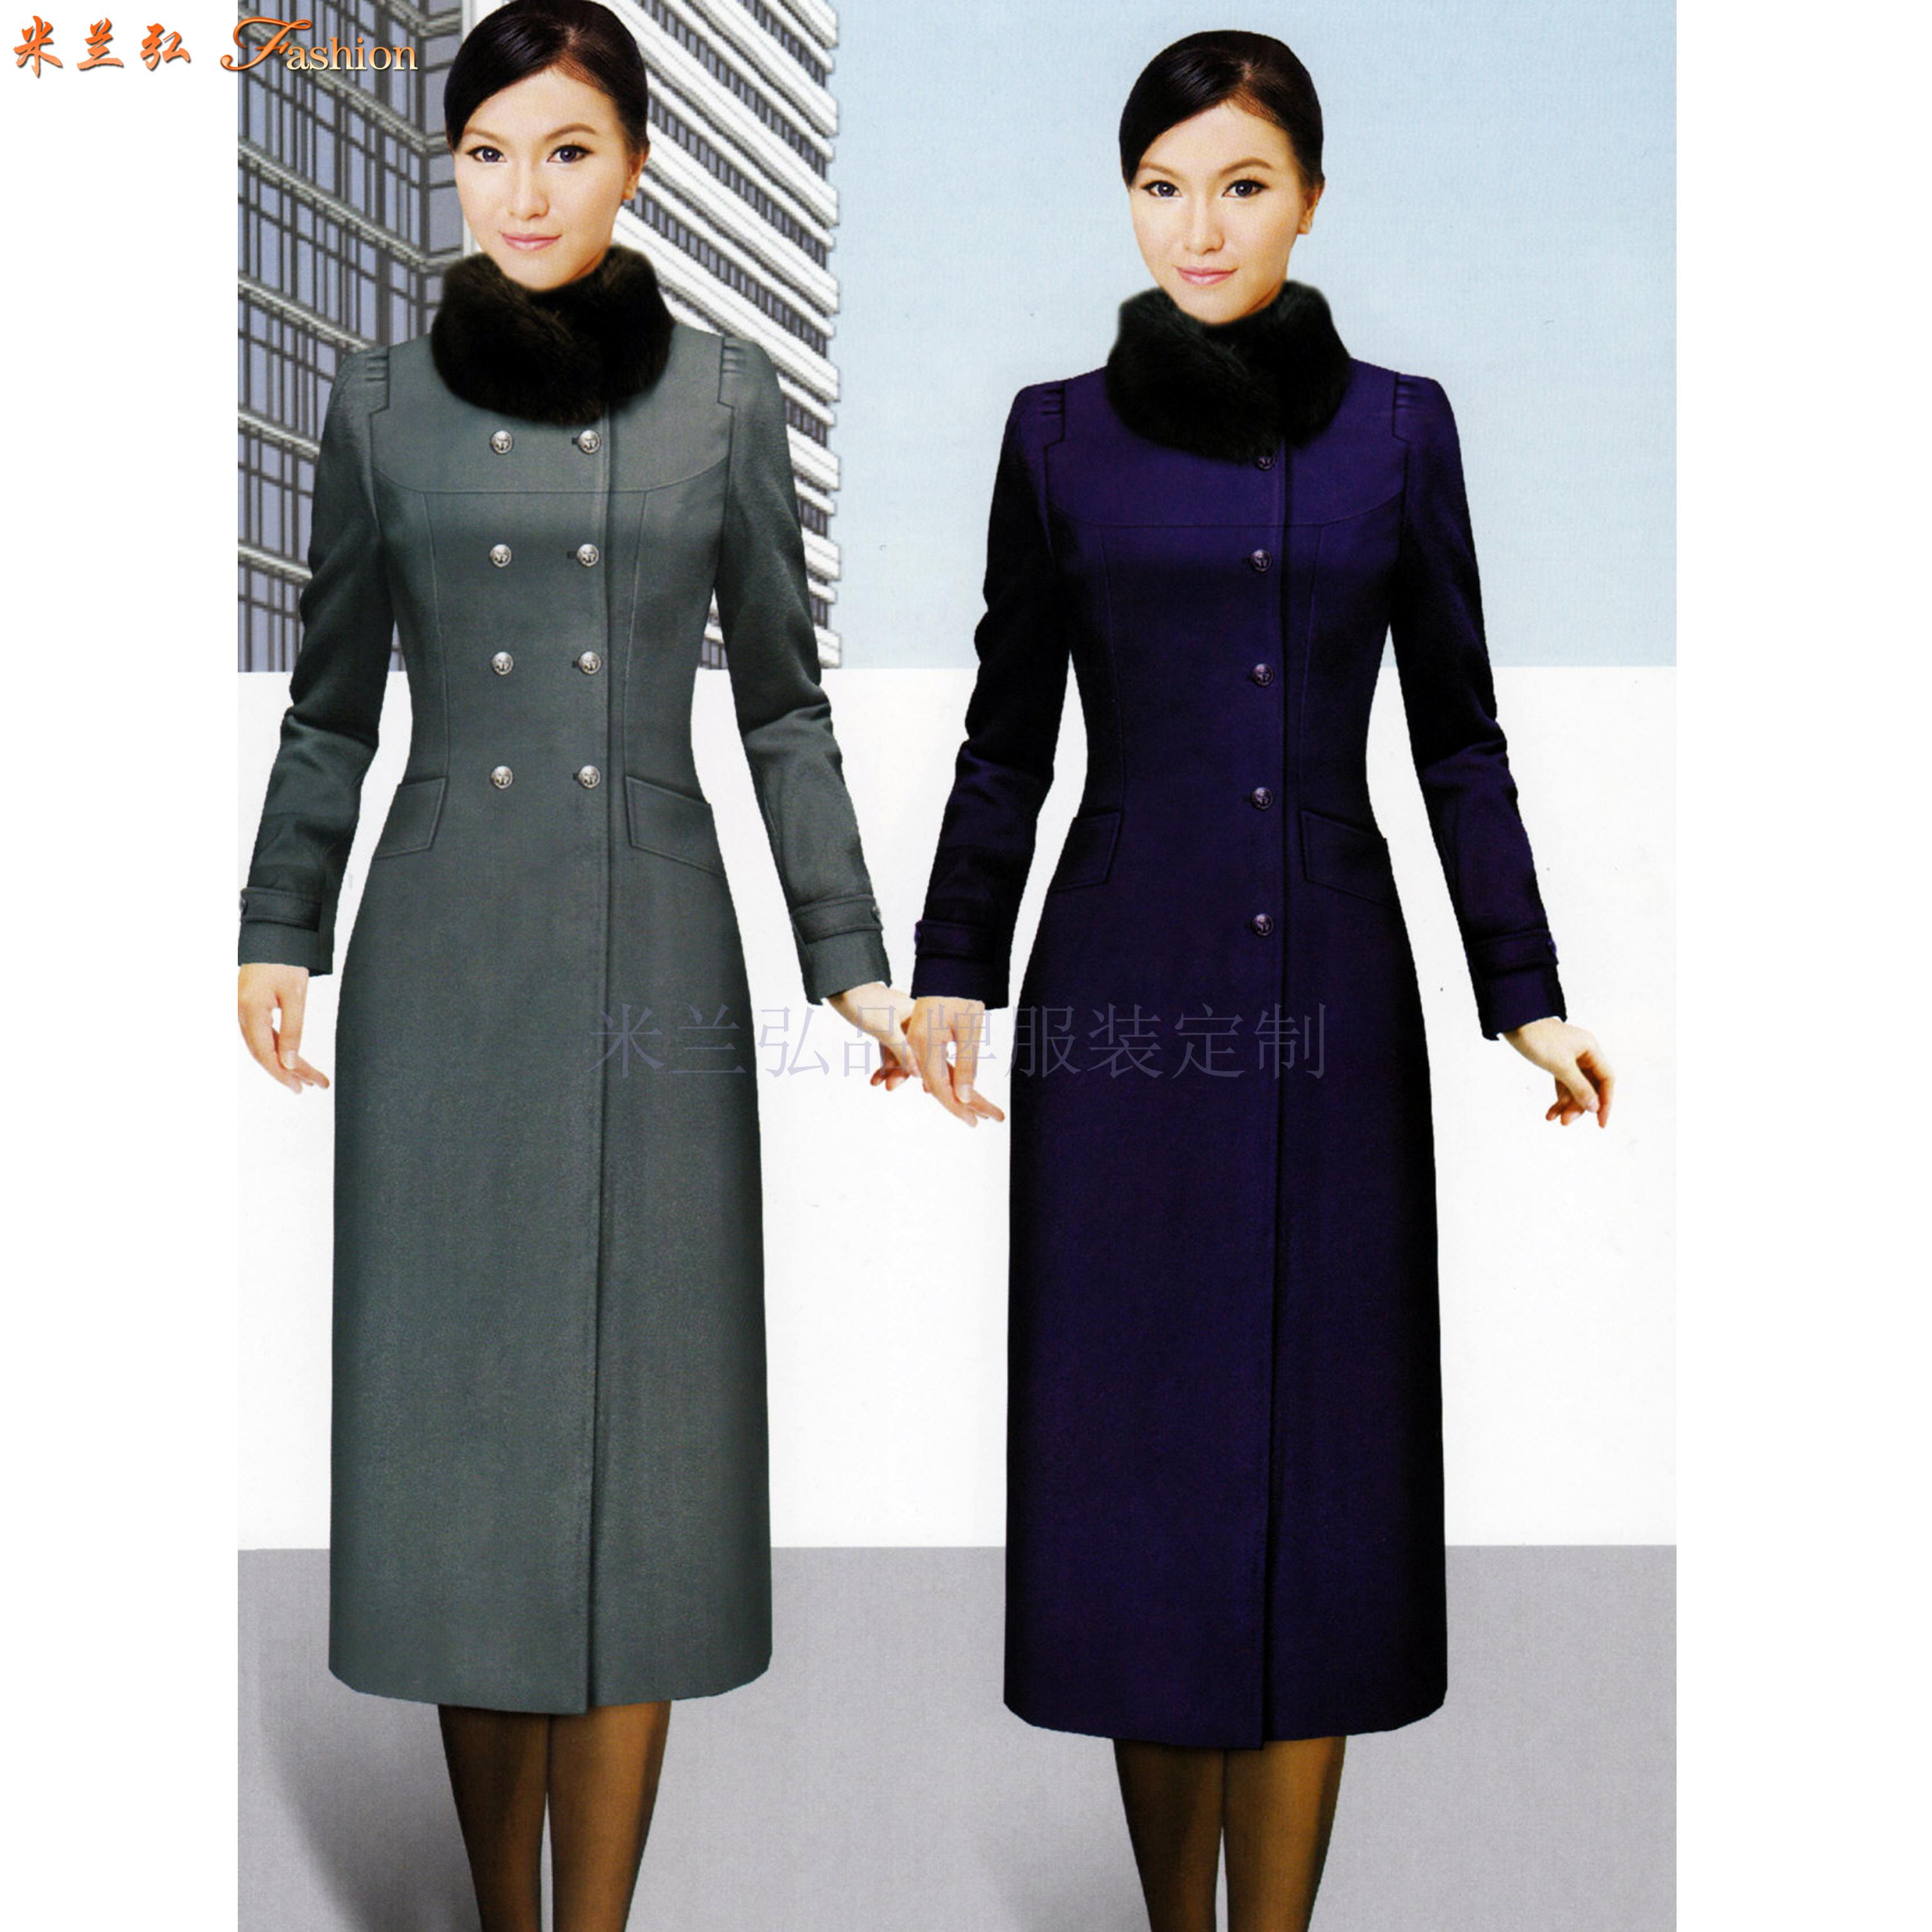 安徽大衣定做-呢子大衣訂做廠家價格-米蘭弘廠家-5